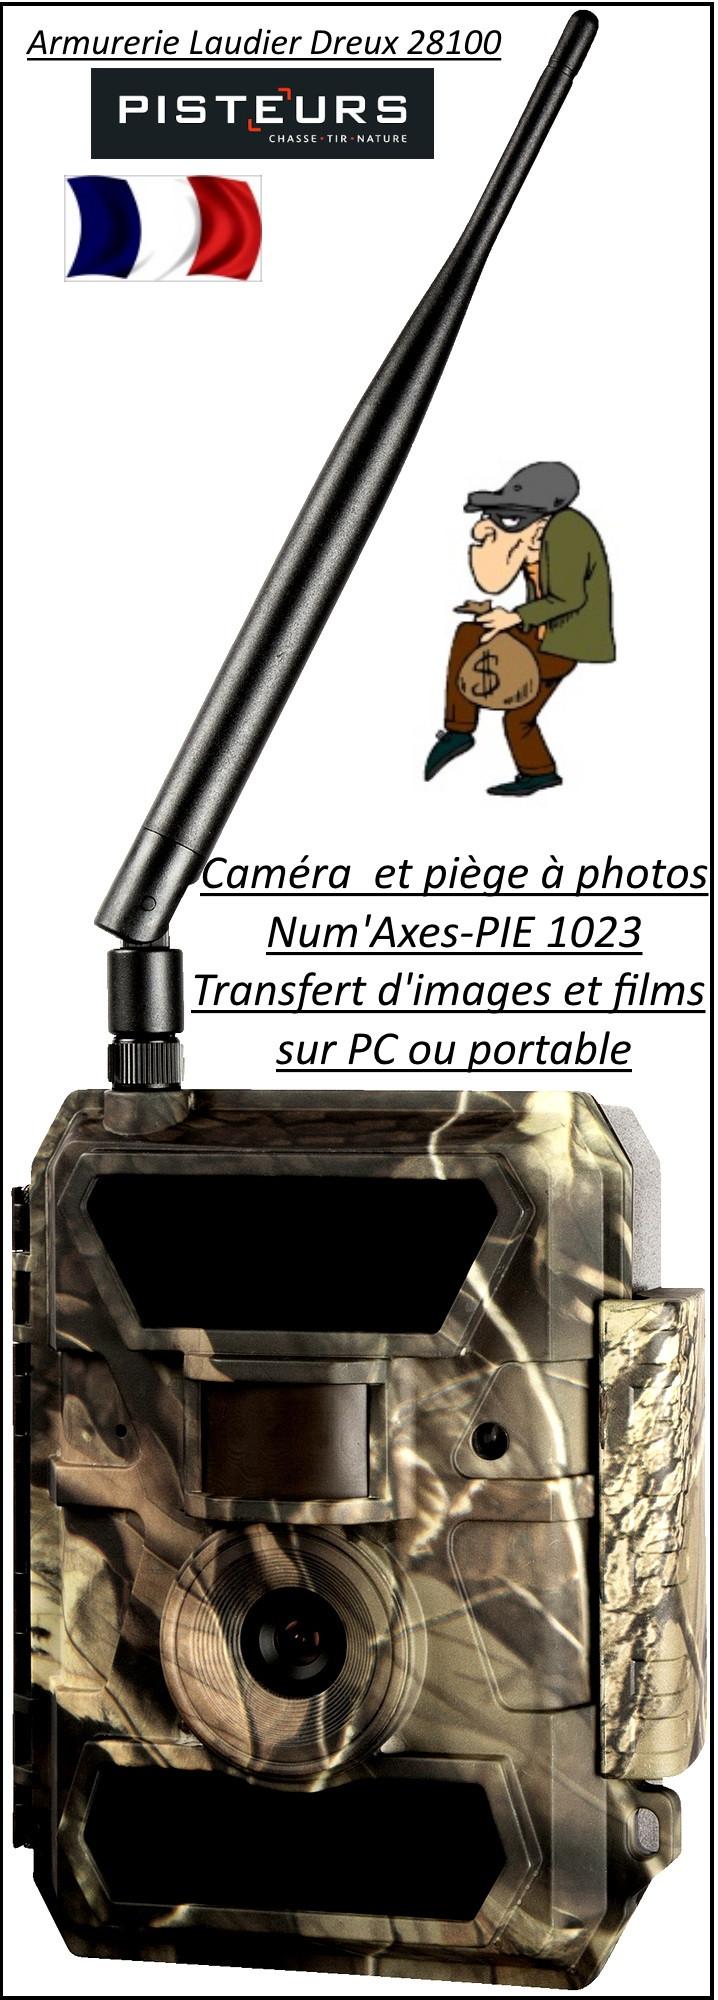 Caméra-surveillance-Num'Axes-PIE1023-Photos-vidéos-audio-Invisible-Tranfert-images-sur-portable-PC-Promotion-Ref 32994